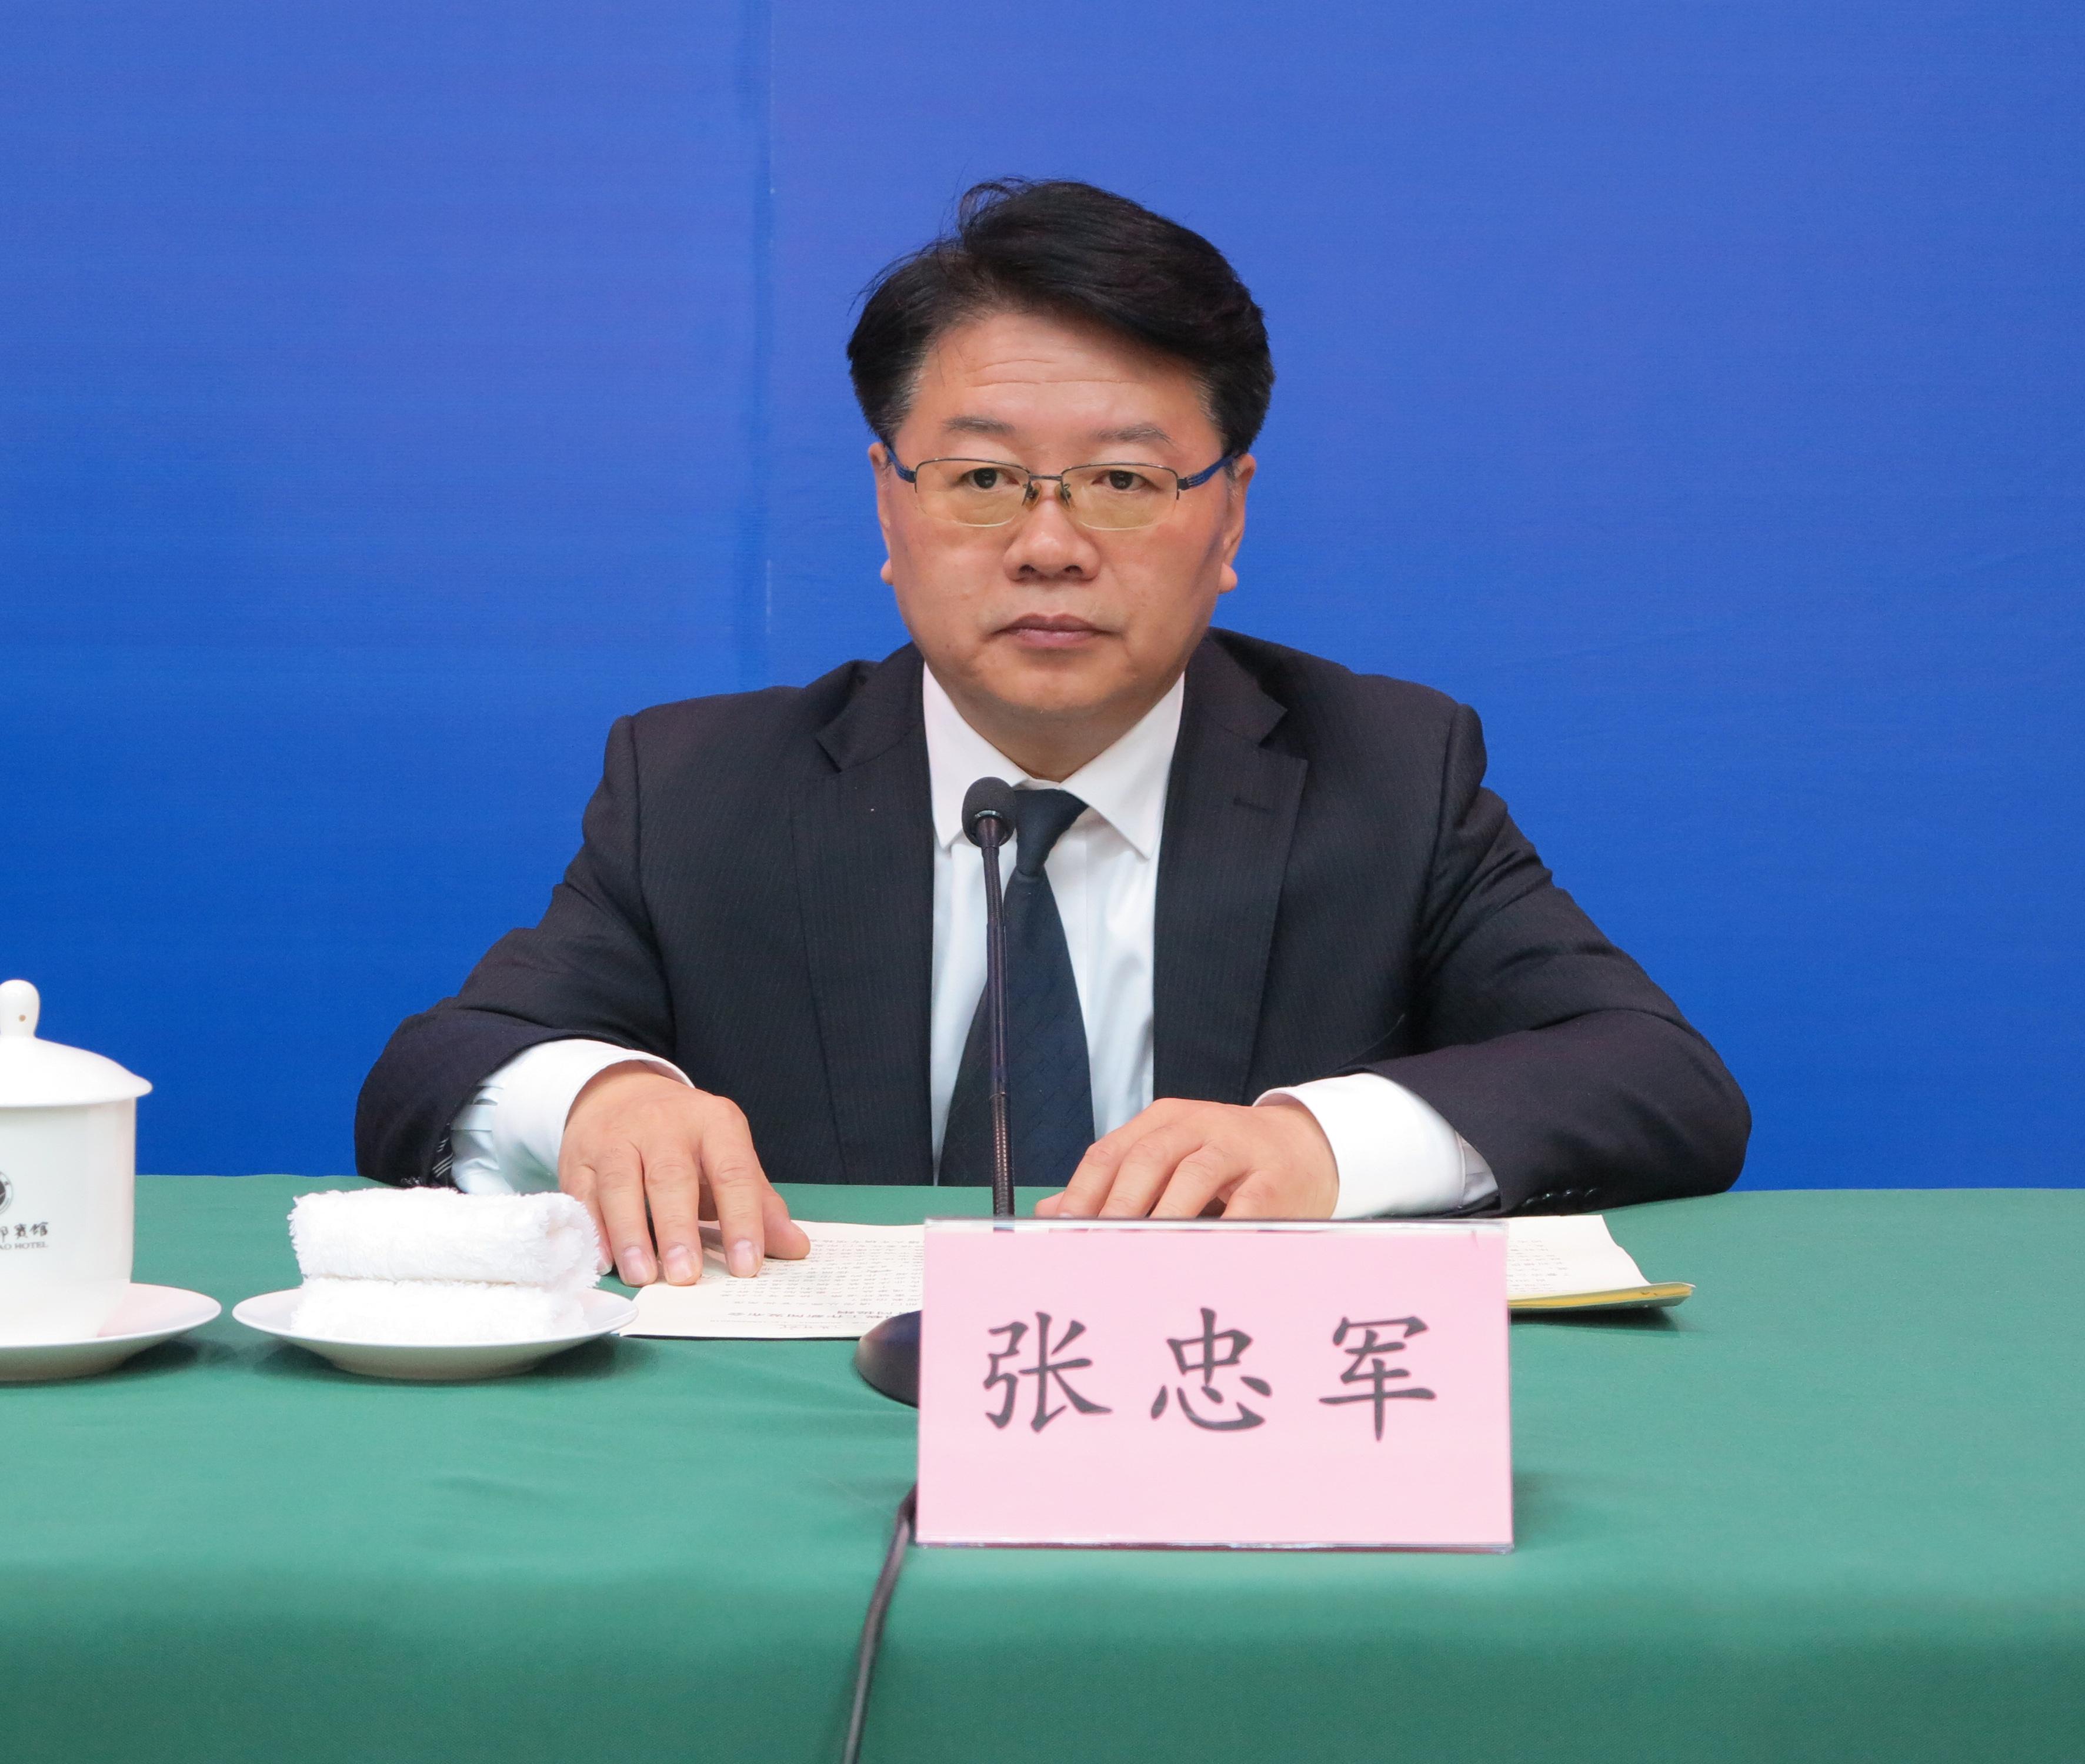 山东省经济和信息化委副巡视员 张忠军